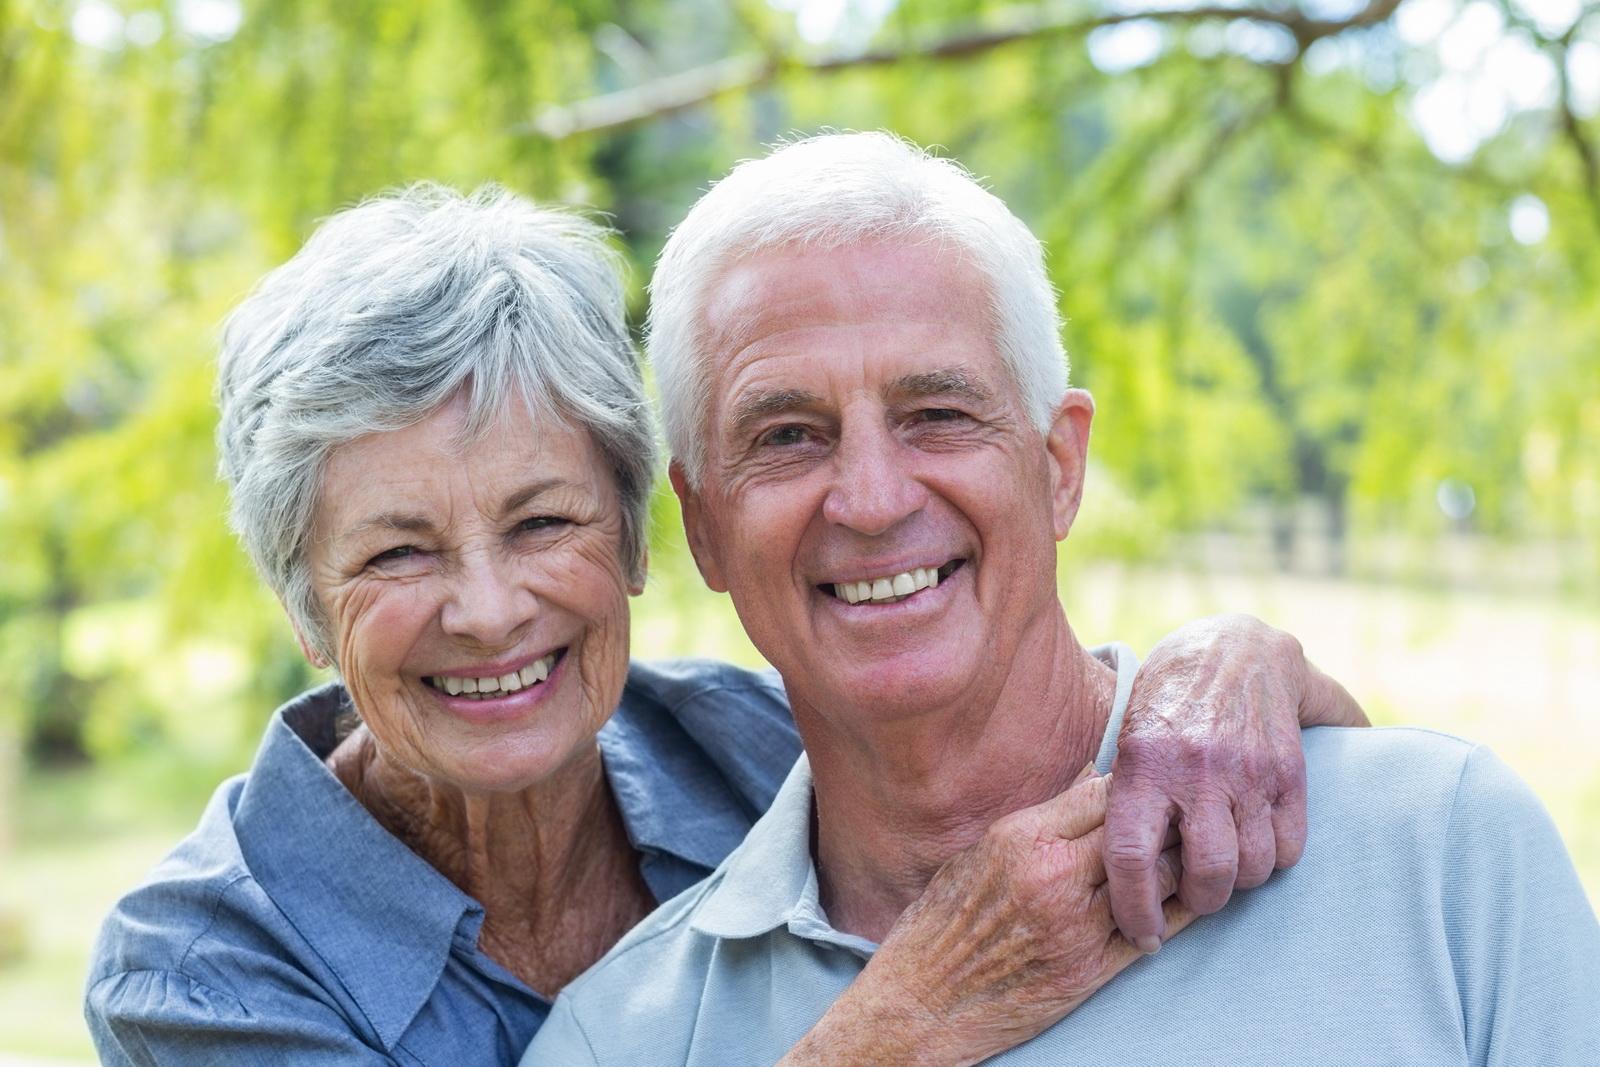 1-го октября 2020 г произведена очередная индексация гарантированного минимального пенсионного дохода